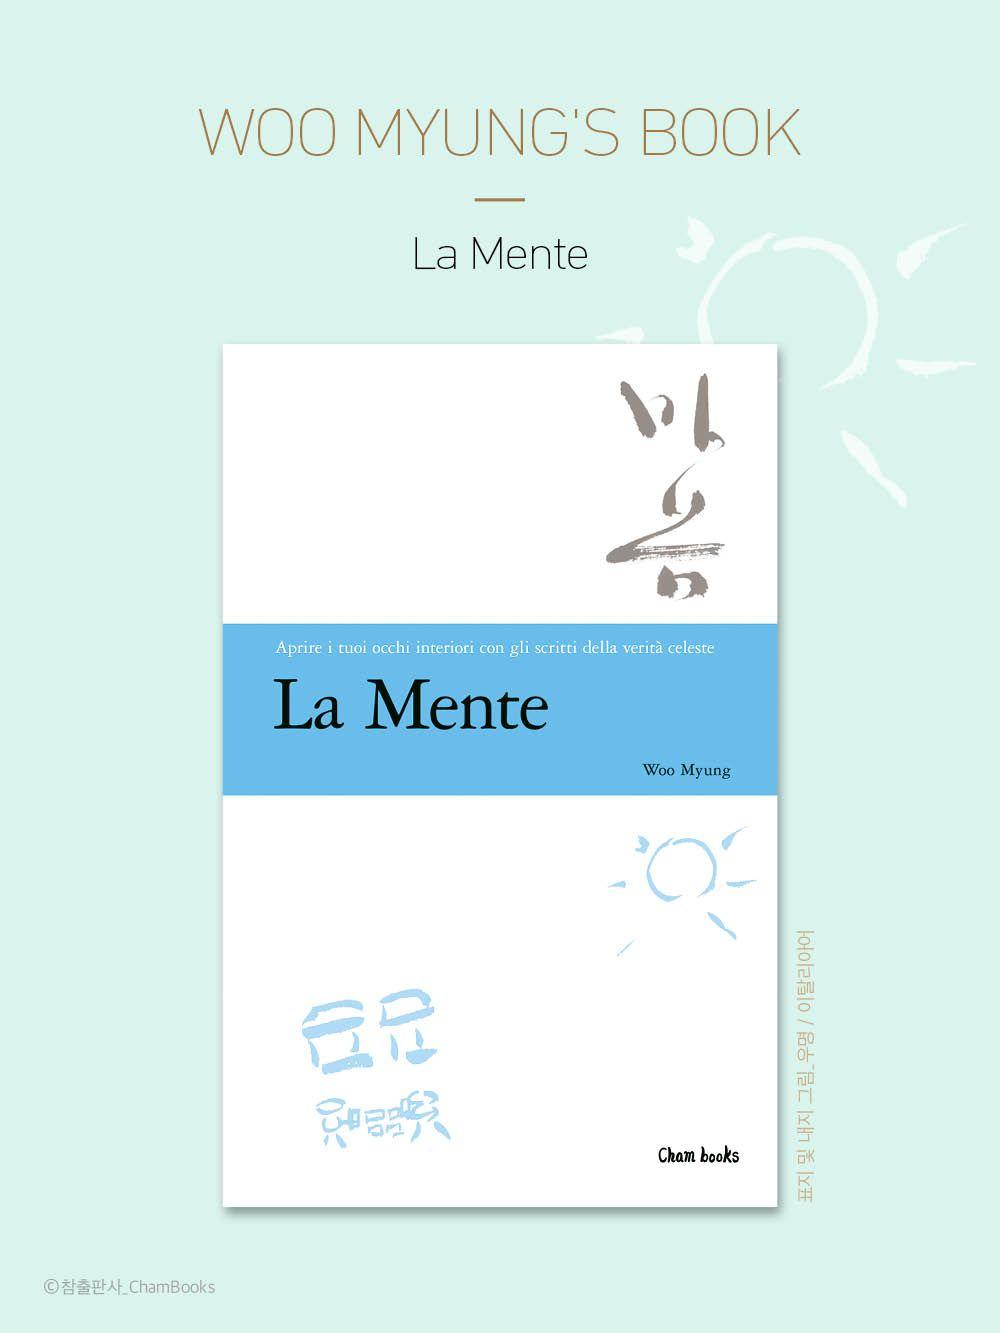 마음수련 우명 선생의 책 / 한국어 <마음>의 이탈리어판 <La Mente>  마음수련 우명 선생의 책 // 한국어<마음>의 이탈리아어판<La Mente>은 2013년 6월 발행되었다. 아마존 www.amazon.com 에서 구매할 수 있다.   우명 지음 / 참출판사 / 208page / 9.99EUR //